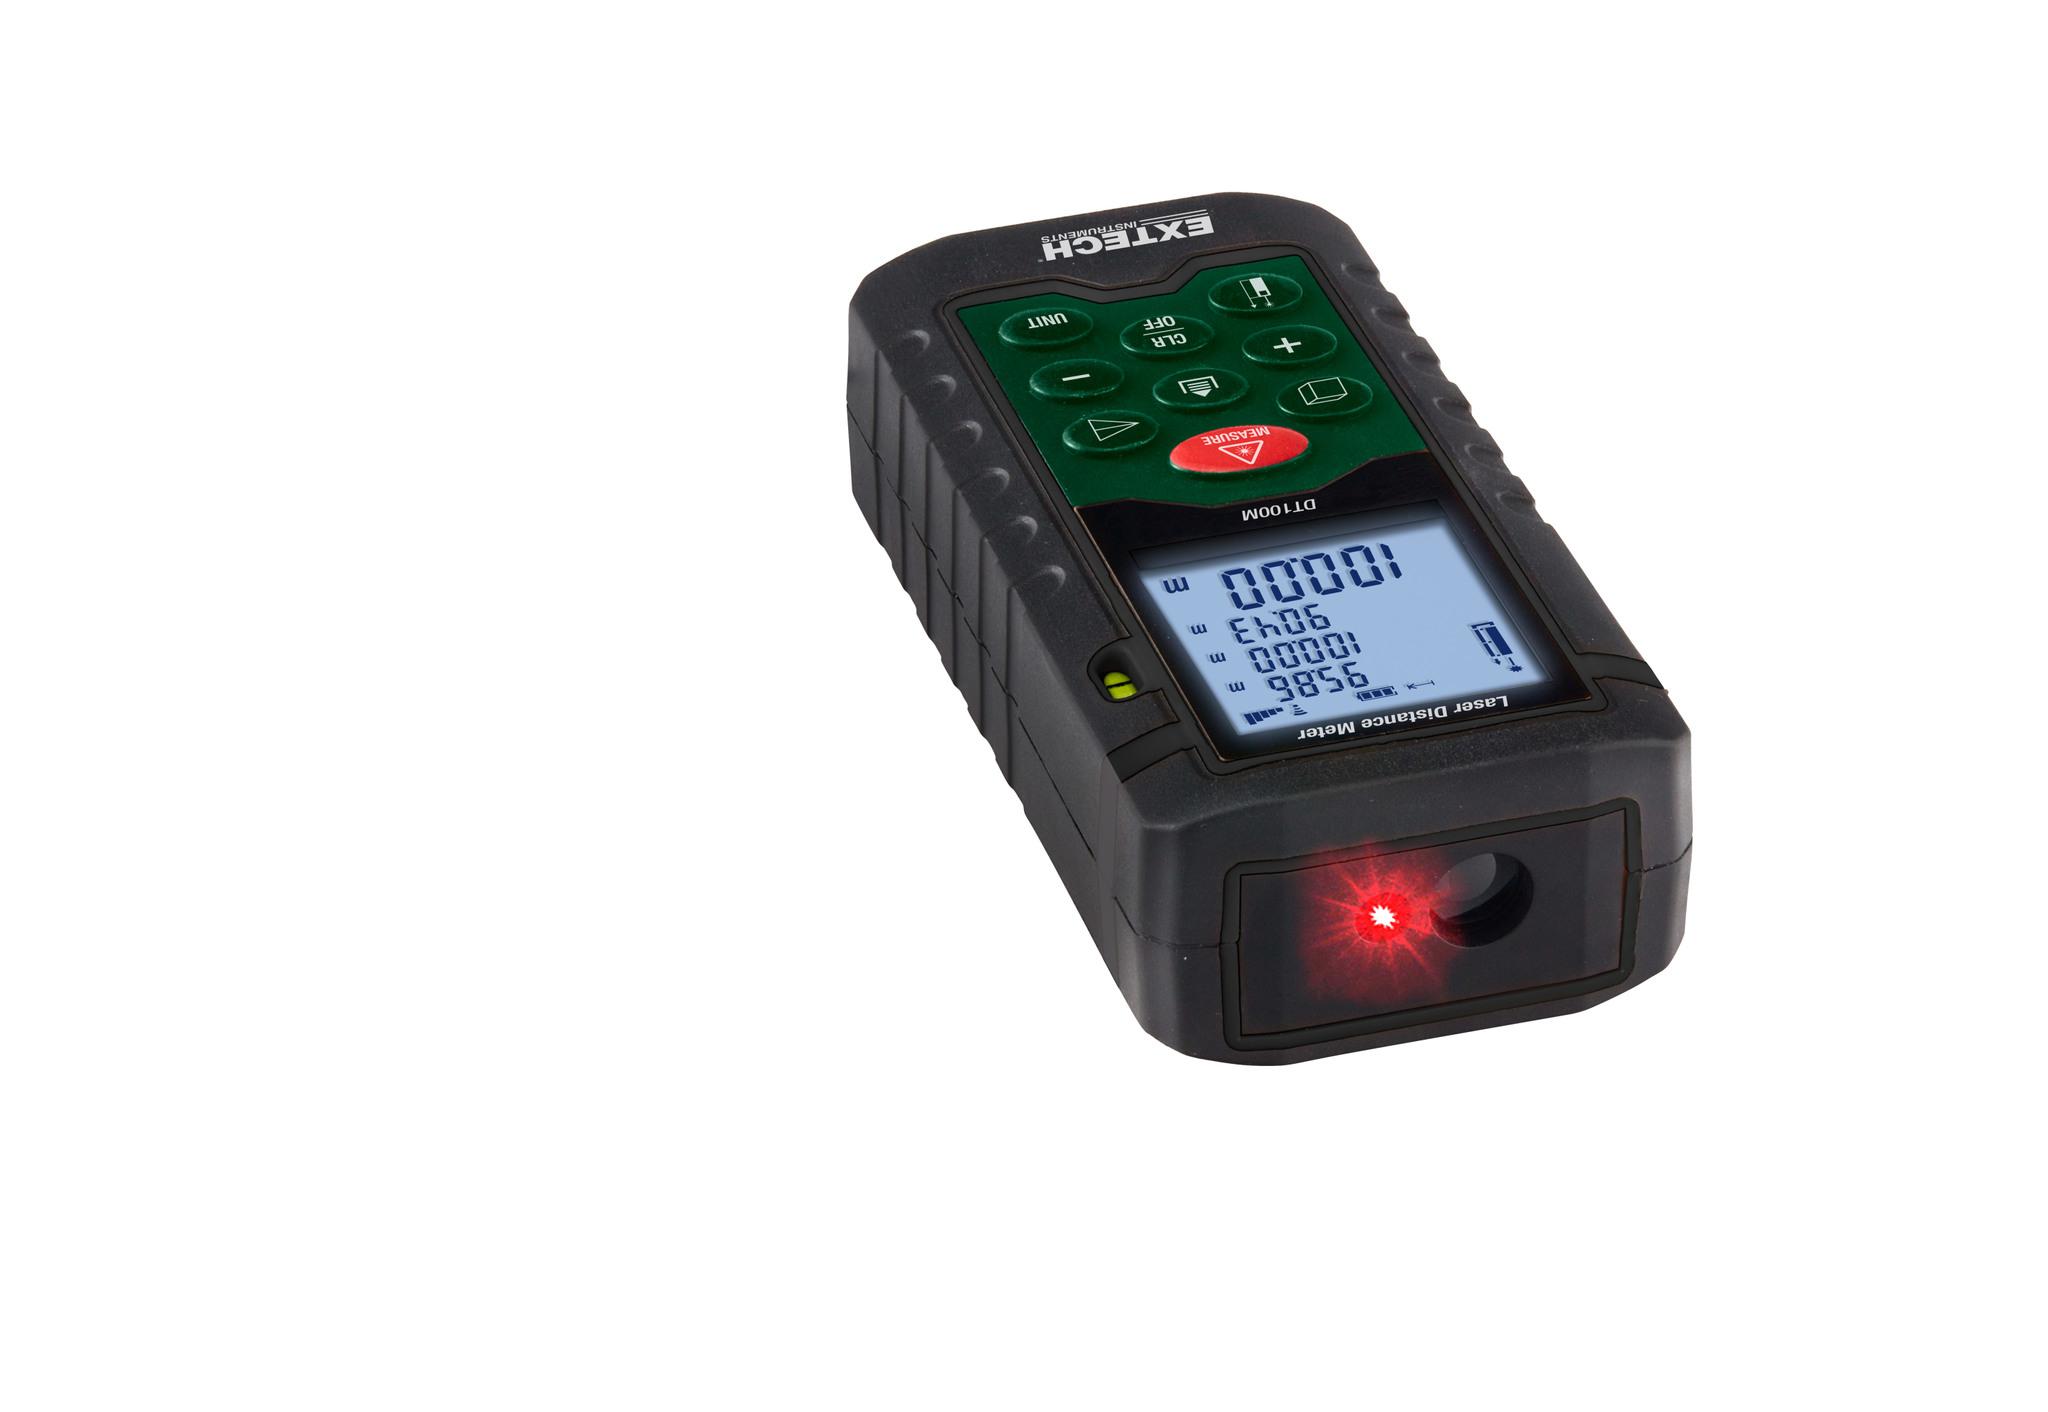 Laser Entfernungsmesser Datenlogger : Extech dt m laser entfernungsmesser messgerät